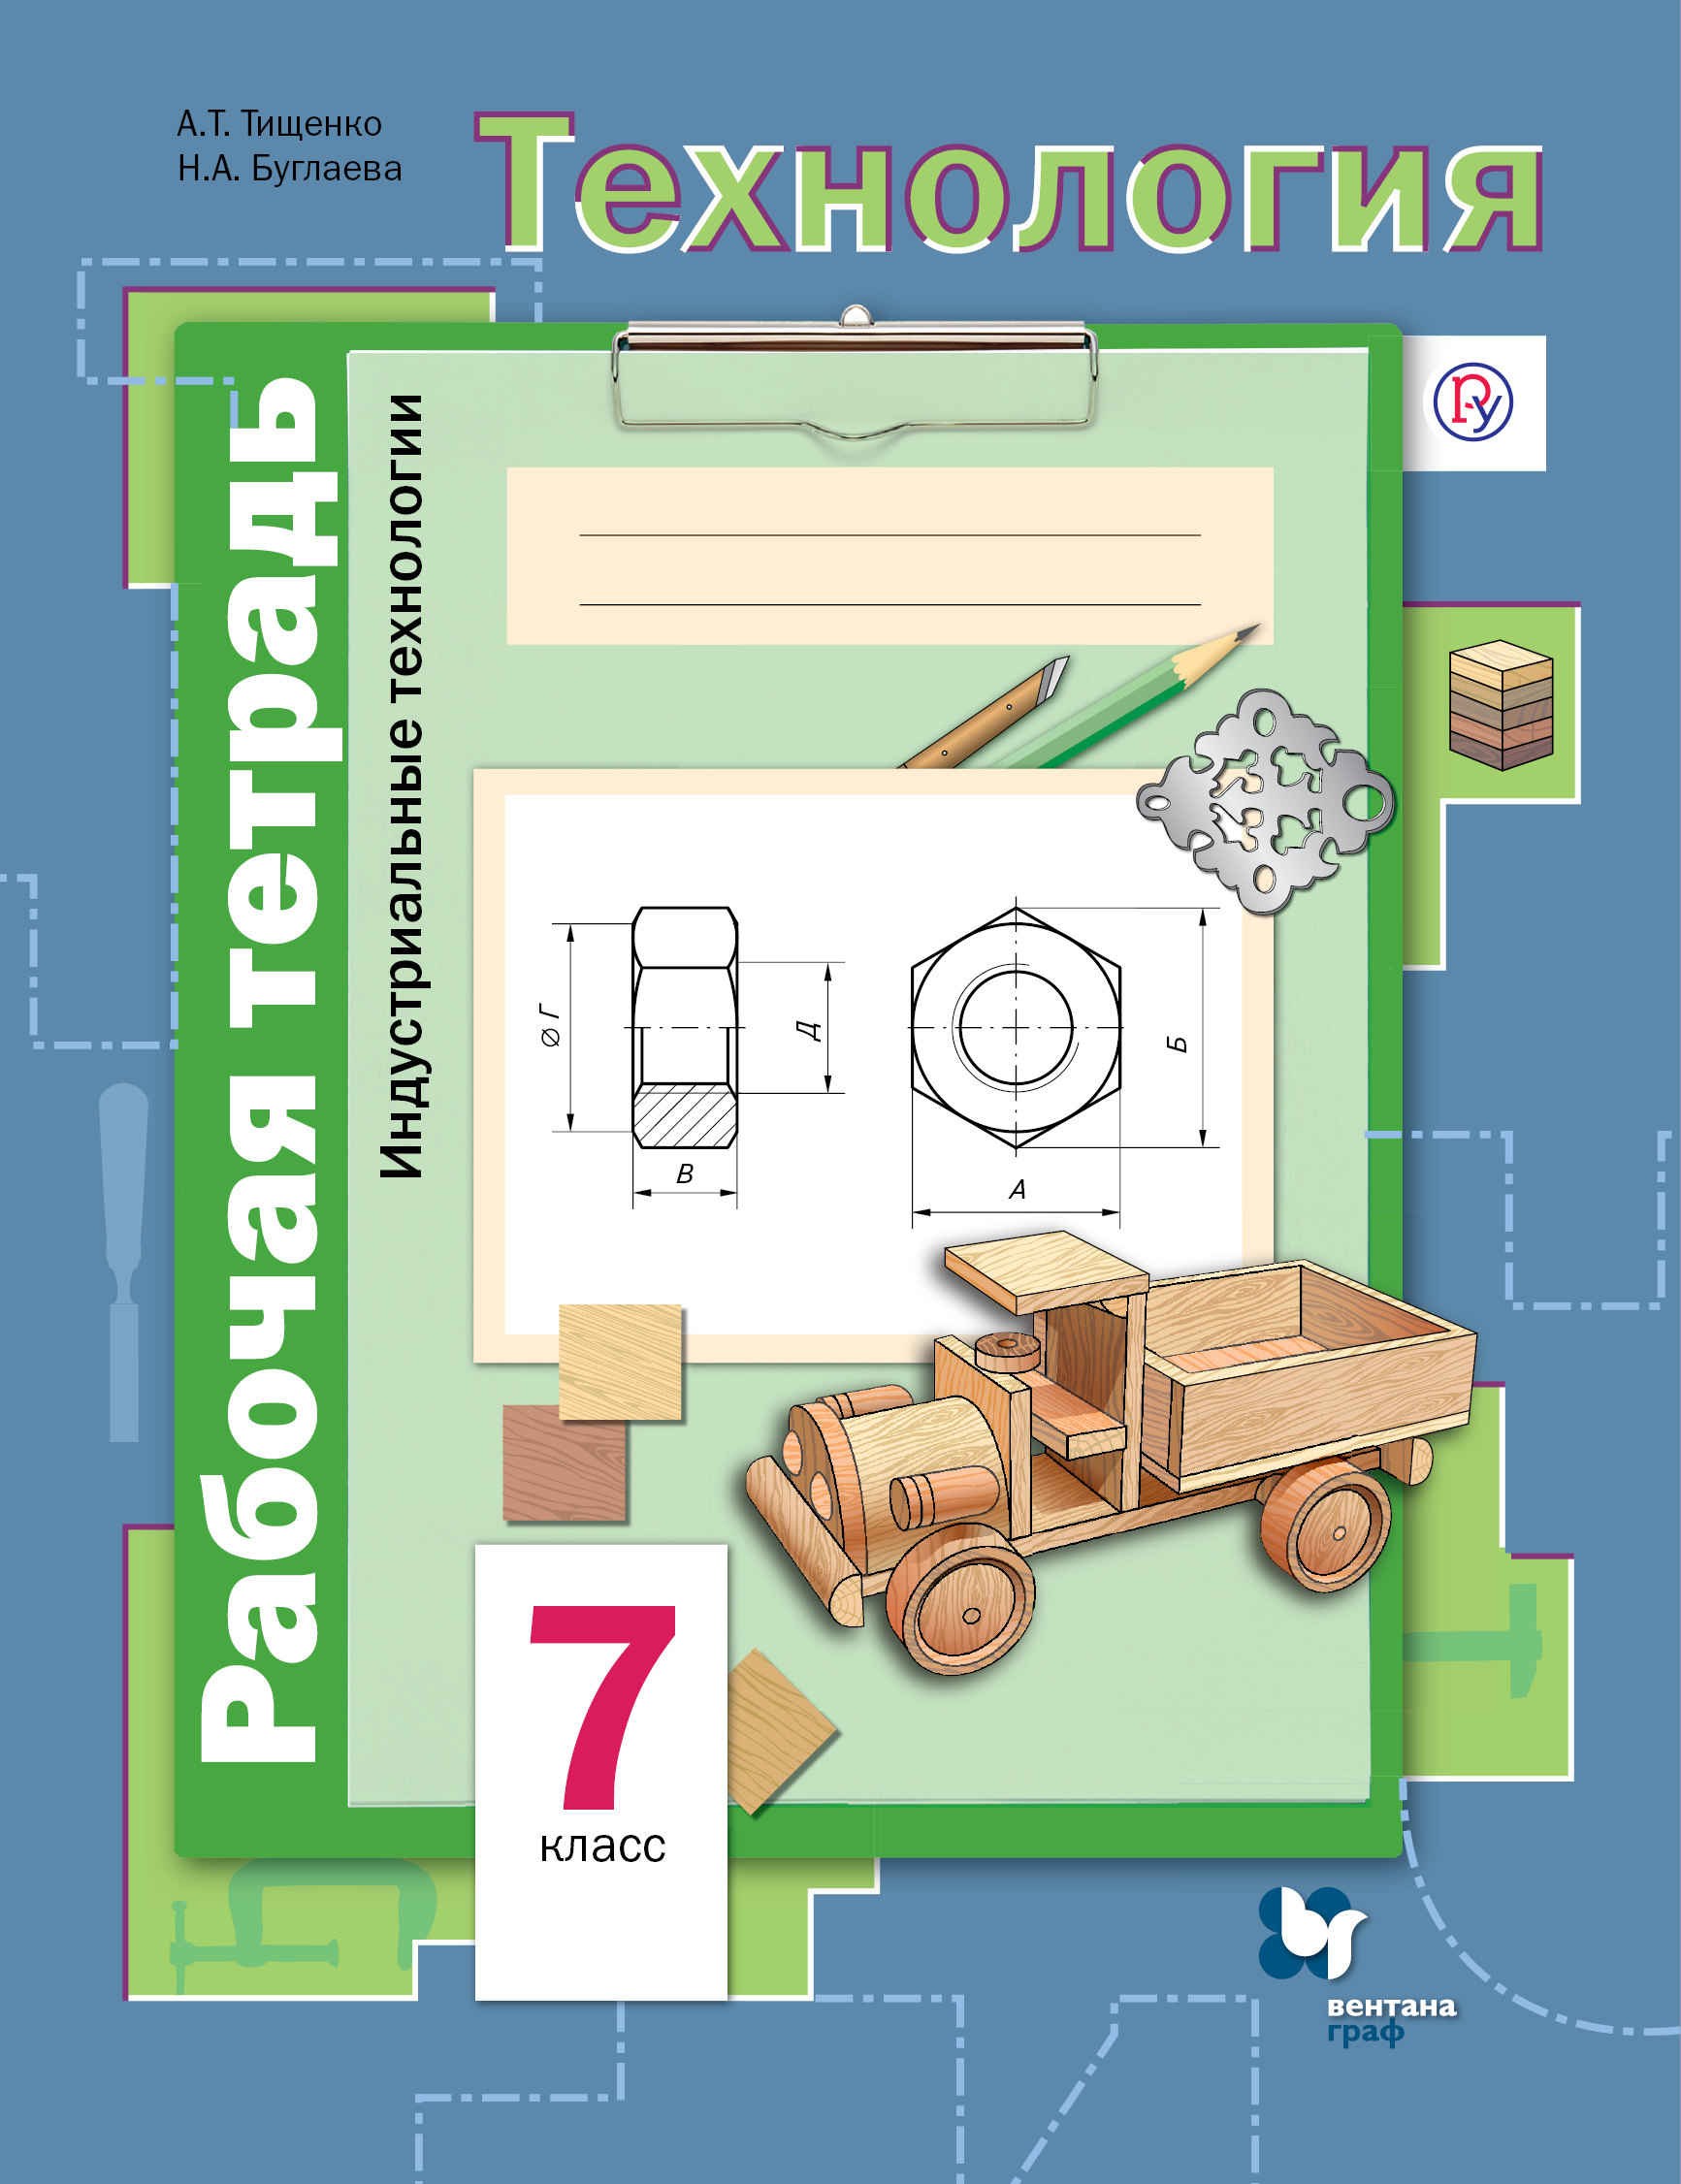 Технология. Индустриальные технологии. 7класс. Рабочая тетрадь. ( Тищенко А.Т., Буглаева Н.А.  )